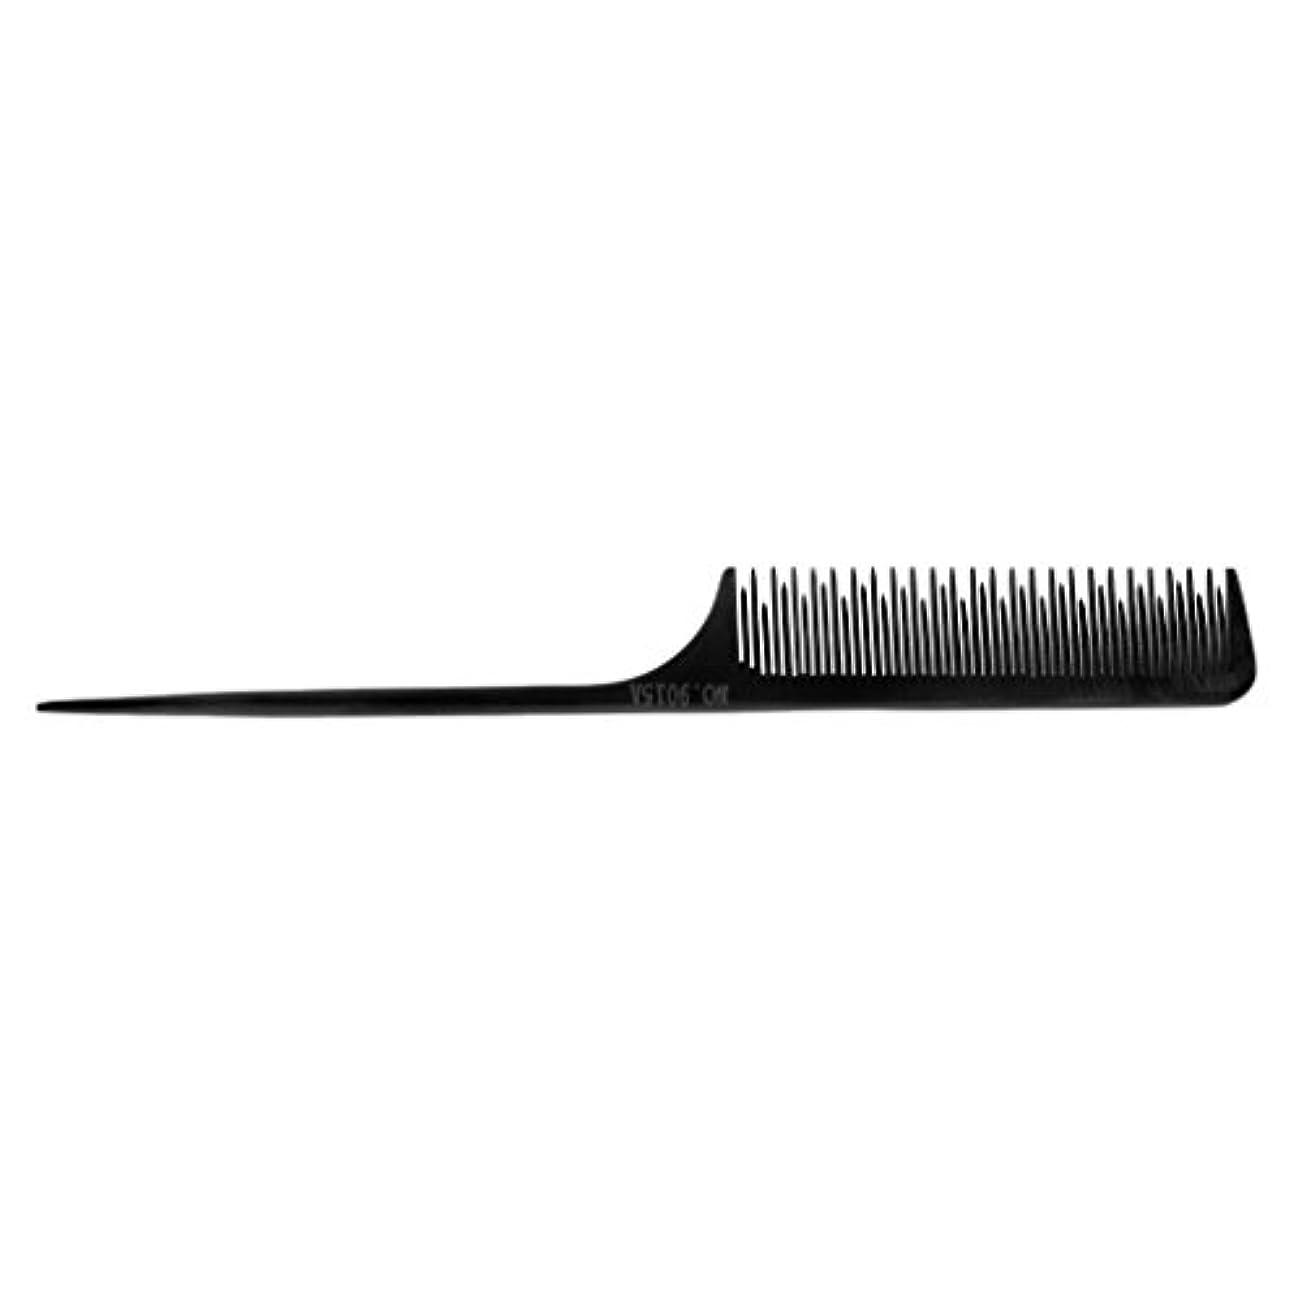 ボイドセッティングソースサロンの理髪師のテールチップスタイリングツール細かい歯の選択毛の櫛